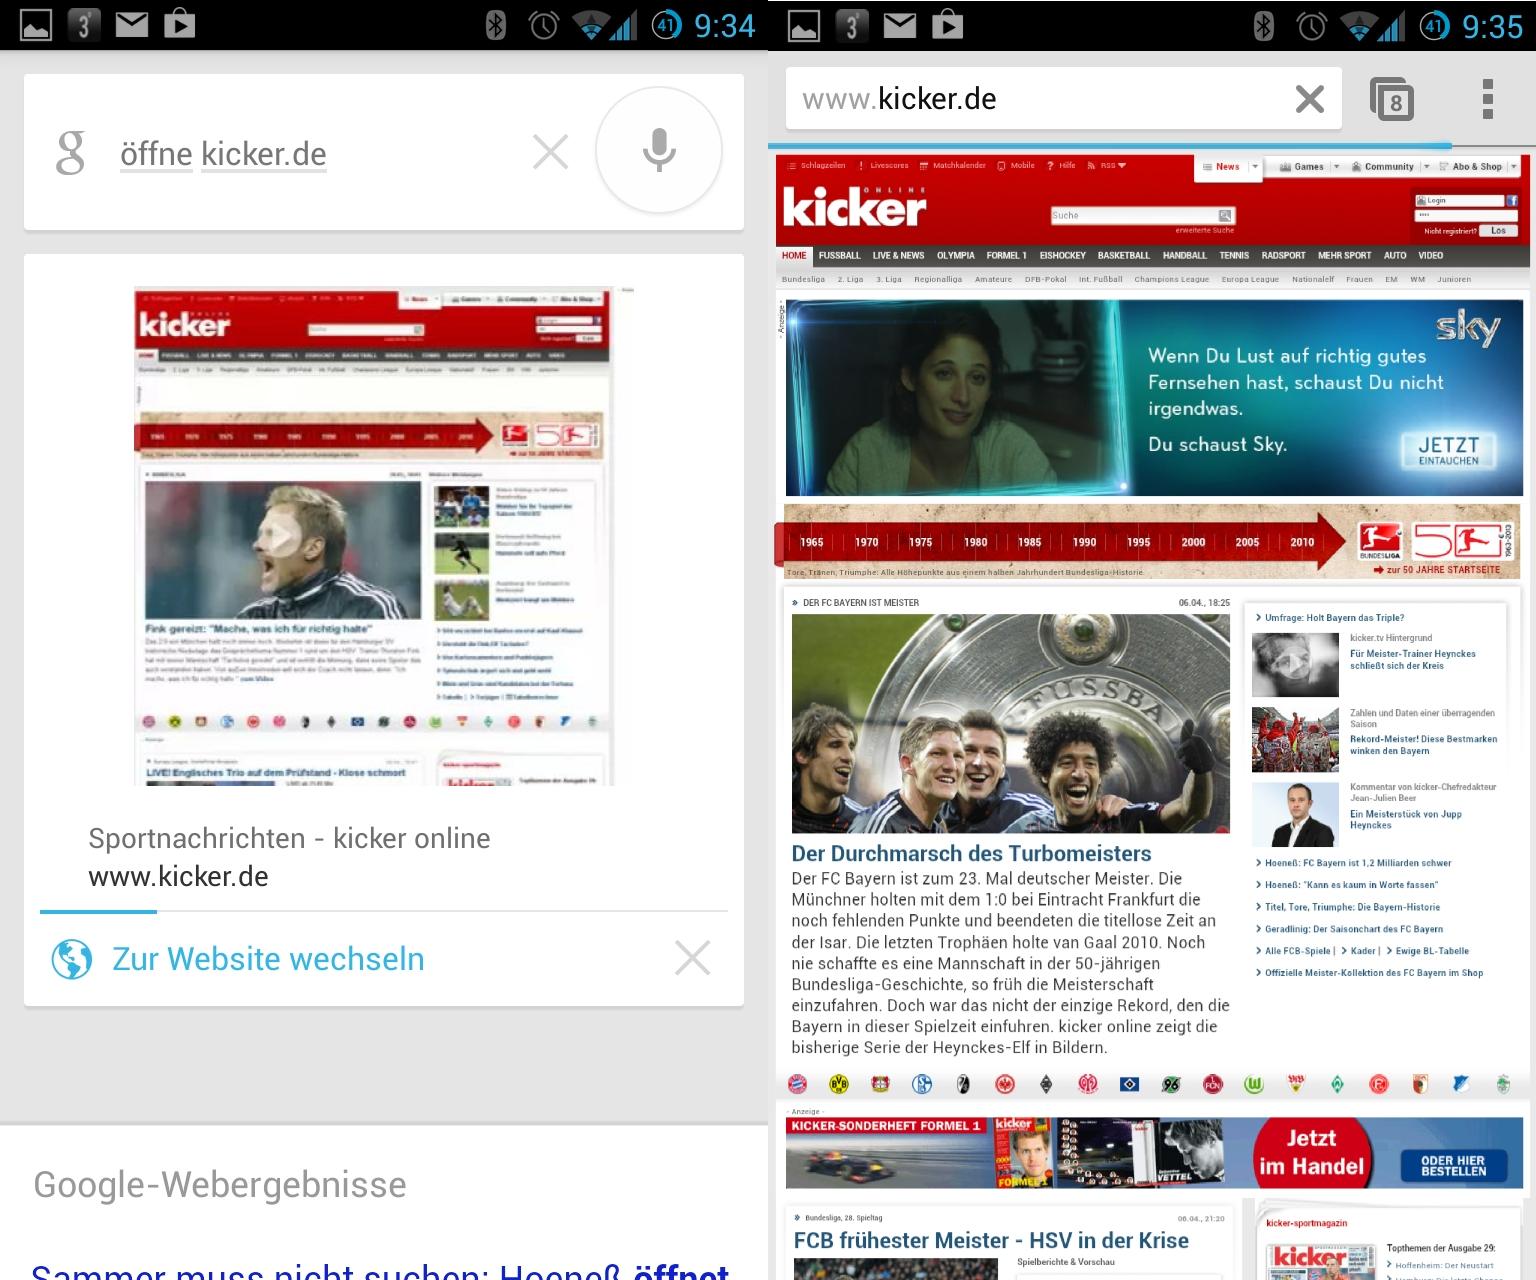 """Per Sprache eine Webseite öffnen, beherrscht Google Now ebenfalls. Hierfür spricht man \""""Öffne Adresse der Webseite\"""" ins Mikrofon. Mit kicker.de hat das einwandfrei funktioniert. Wer ZDNet.de per Sprache öffnen will, landet allerdings beim ZDF."""